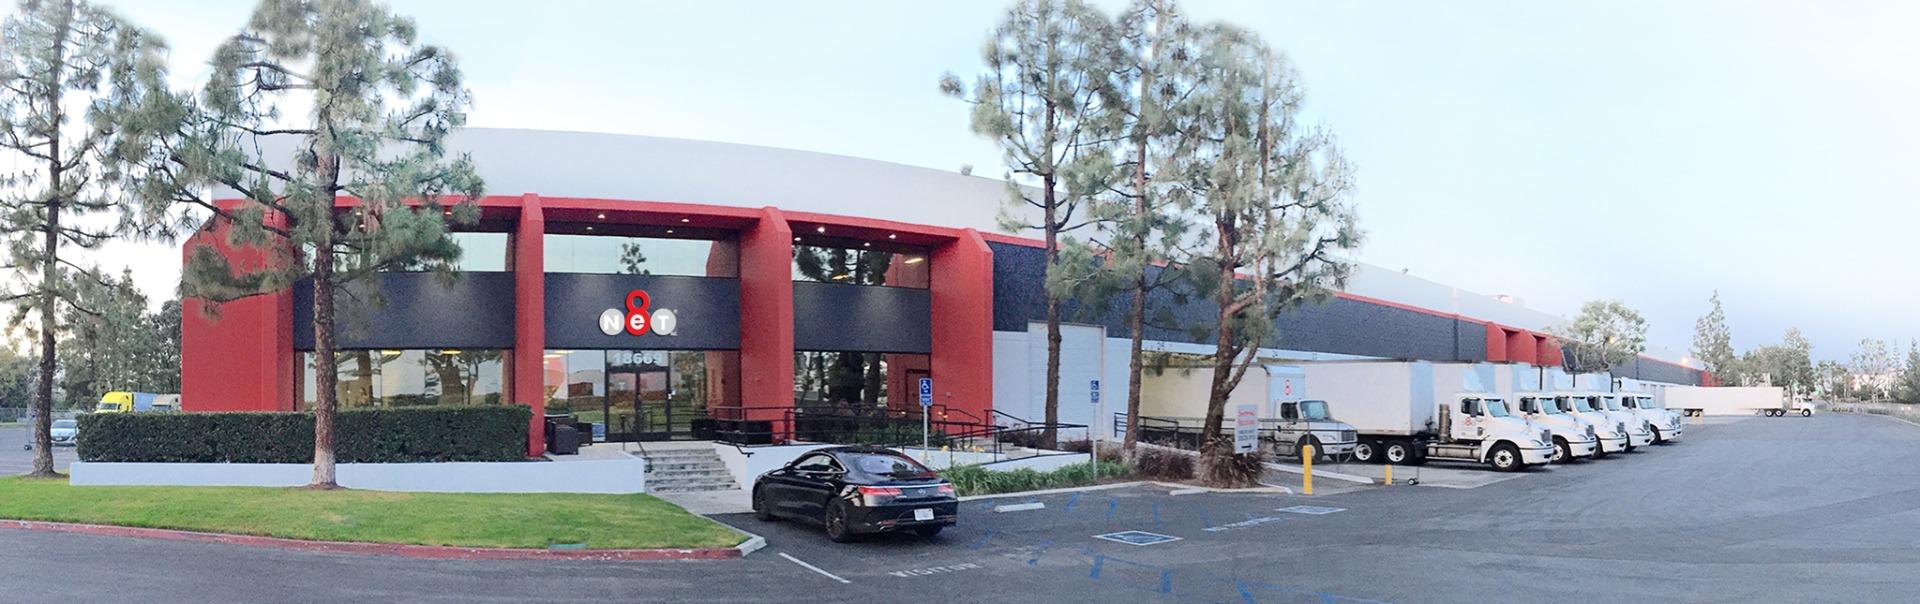 8NET Building